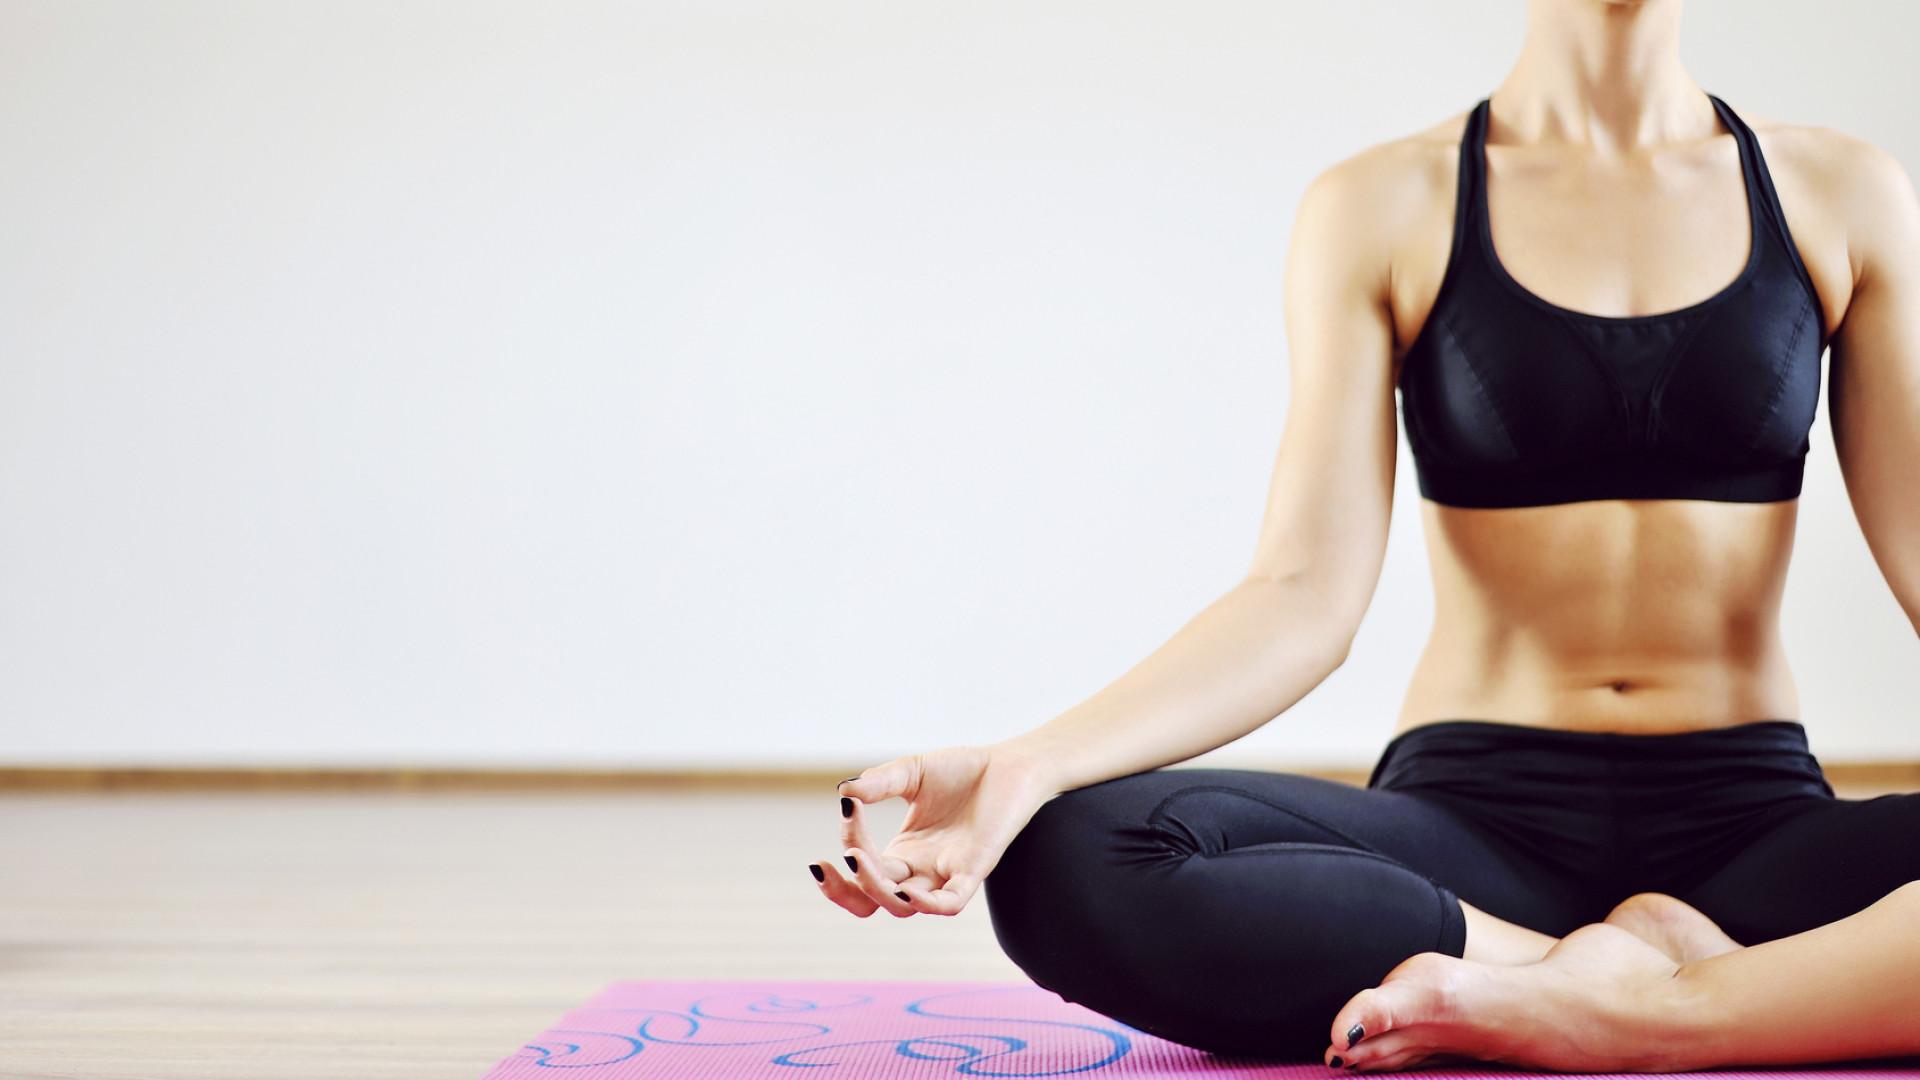 O segredo para a felicidade, segundo a yoga